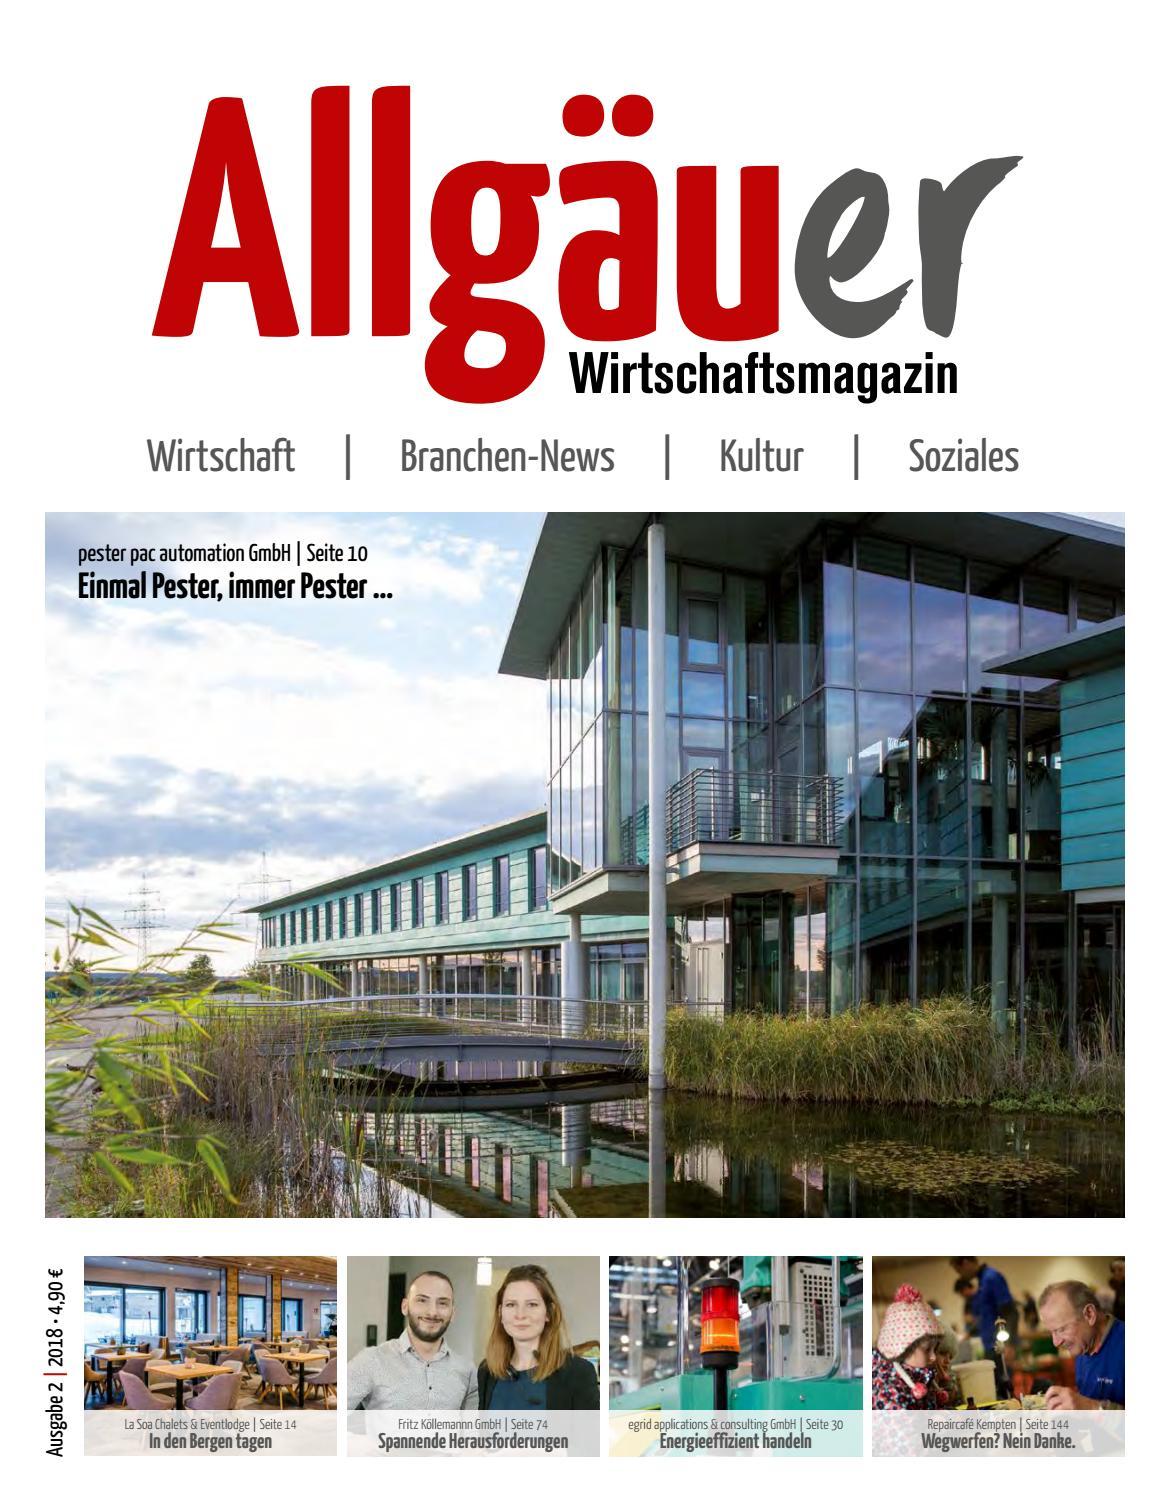 Allgauer Wirtschaftsmagazin 2 2018 By Thomas Tanzel Issuu